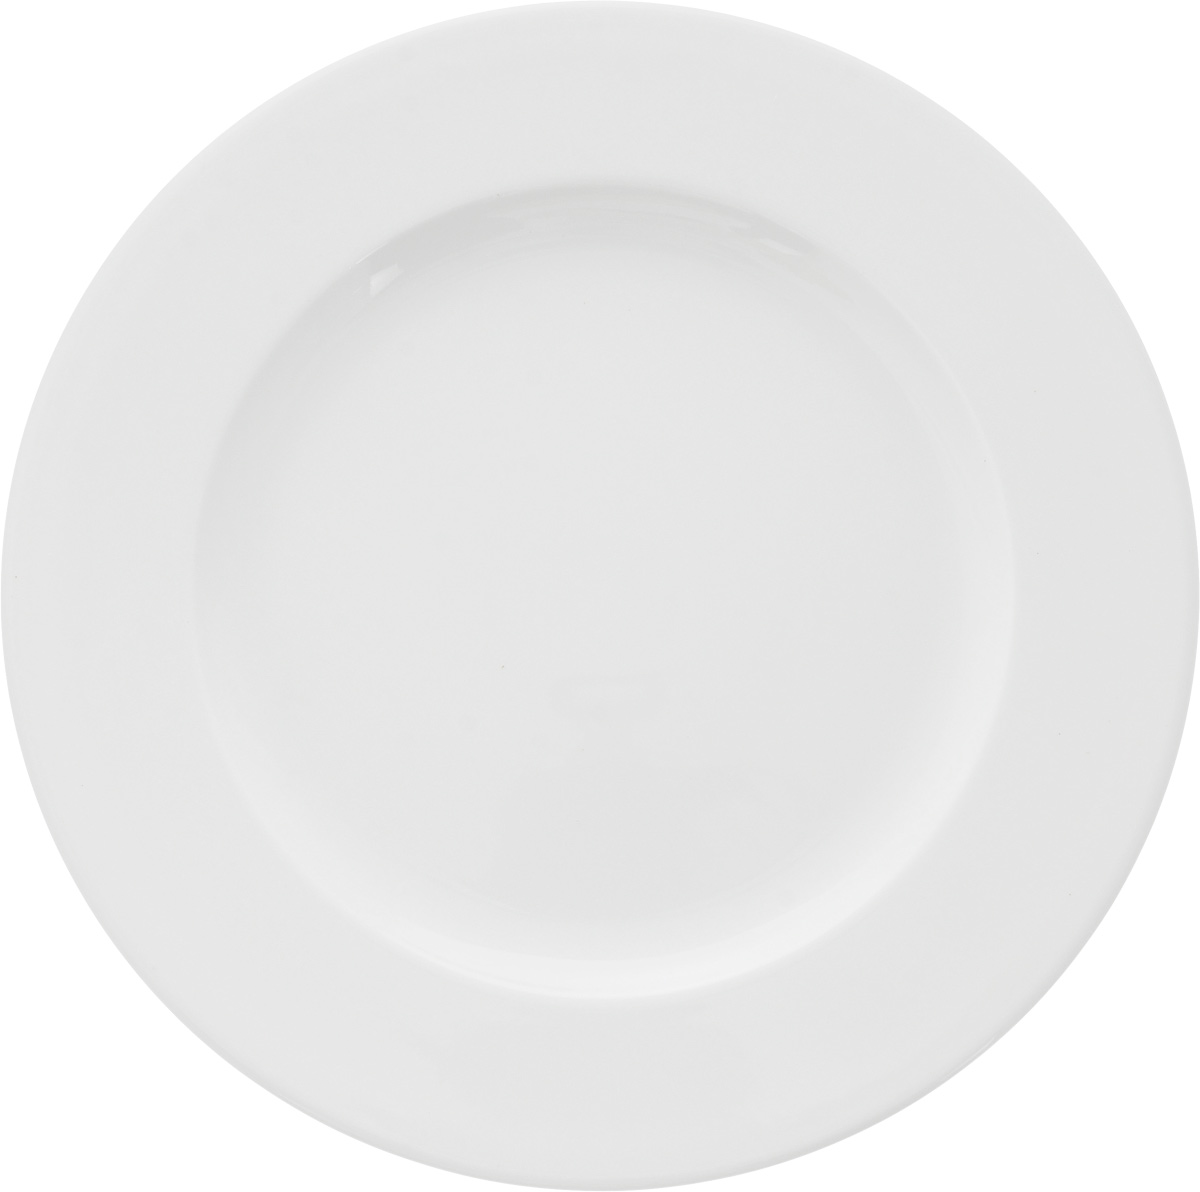 Тарелка мелкая Ariane Прайм, диаметр 27 см. APRARN1102754 009312Мелкая тарелка Ariane Прайм, изготовленная из высококачественного фарфора, имеет классическую круглую форму. Такая тарелка отлично подойдет в качестве блюда для сервировки закусок, нарезок, горячих блюд. Изделие прекрасно впишется в интерьер вашей кухни и станет достойным дополнением к кухонному инвентарю. Тарелка Ariane Прайм подчеркнет прекрасный вкус хозяйки и станет отличным подарком.Можно мыть в посудомоечной машине и использовать в микроволновой печи. Высота тарелки: 2 см.Диаметр тарелки: 27 см.